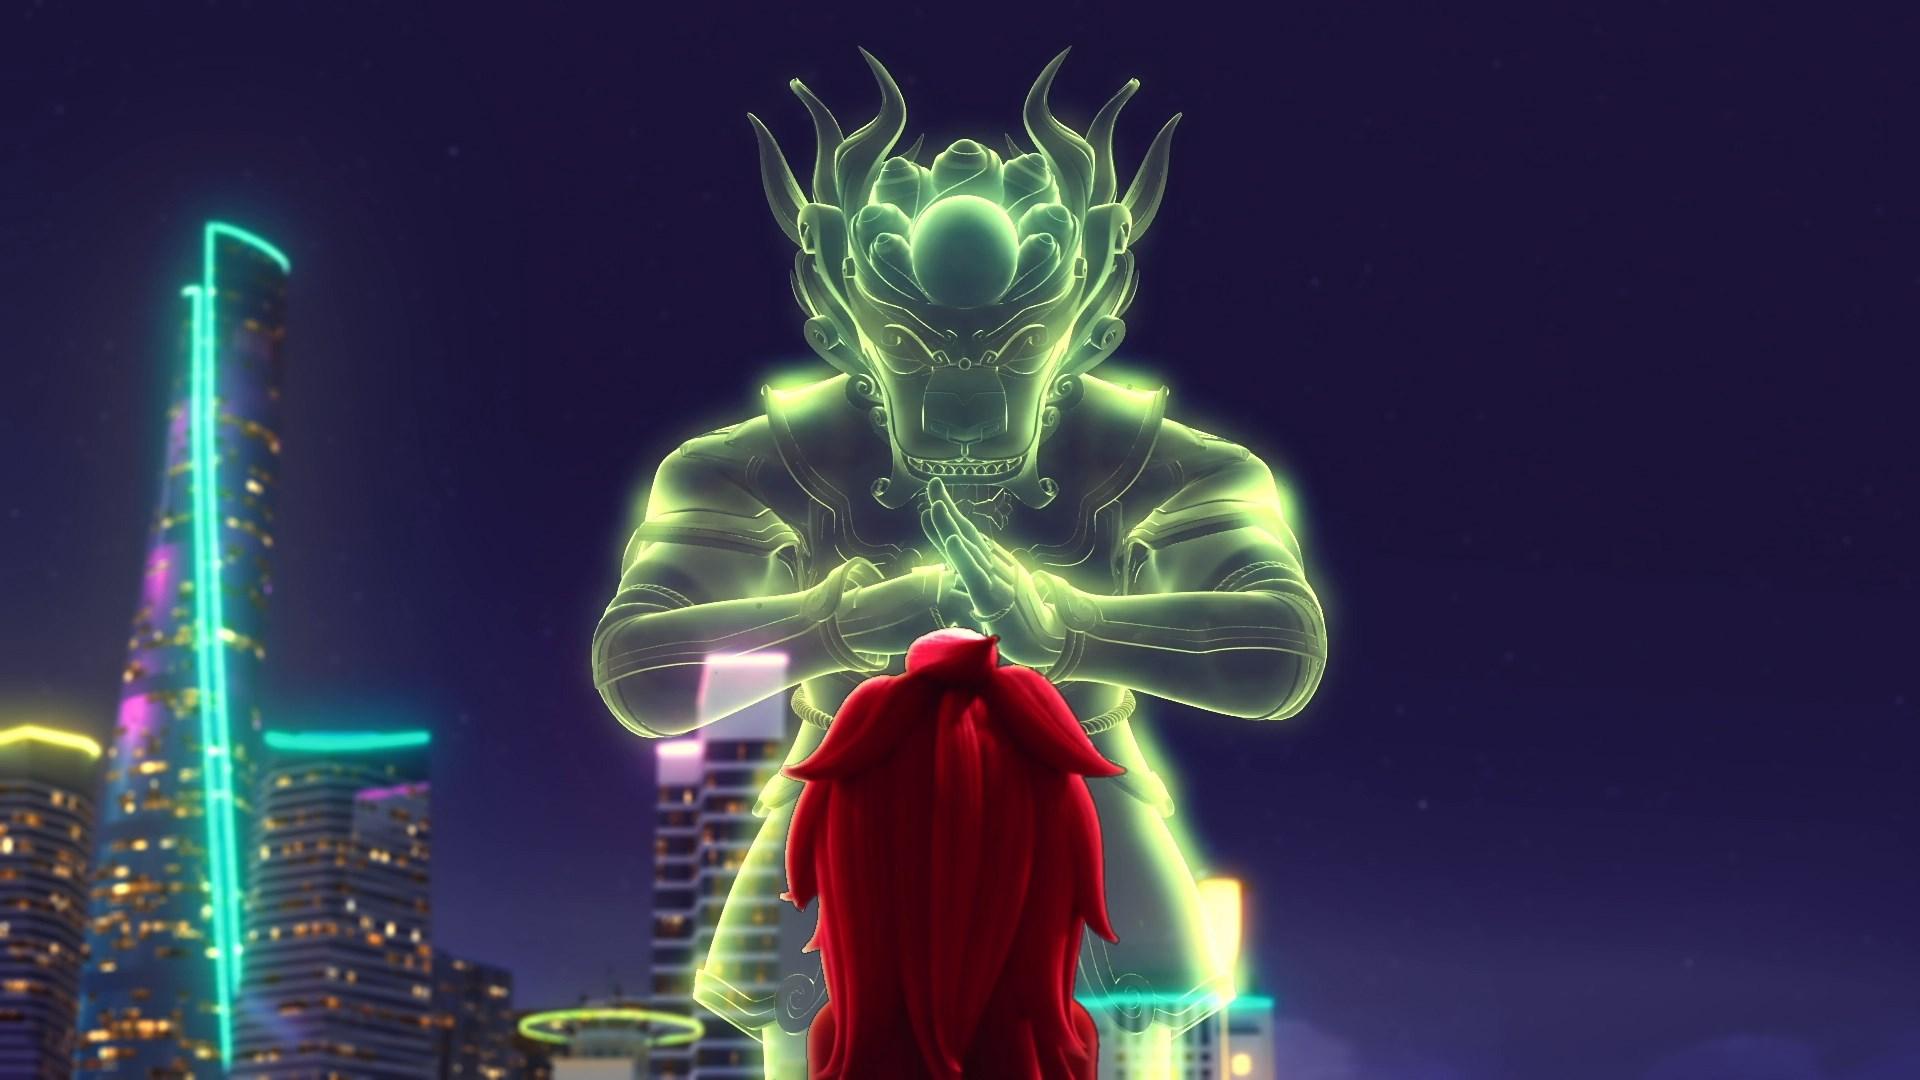 El Mundo Miraculous: Shanghái la leyenda de LadyDragon (2021) 1080p WEB-DL Latino